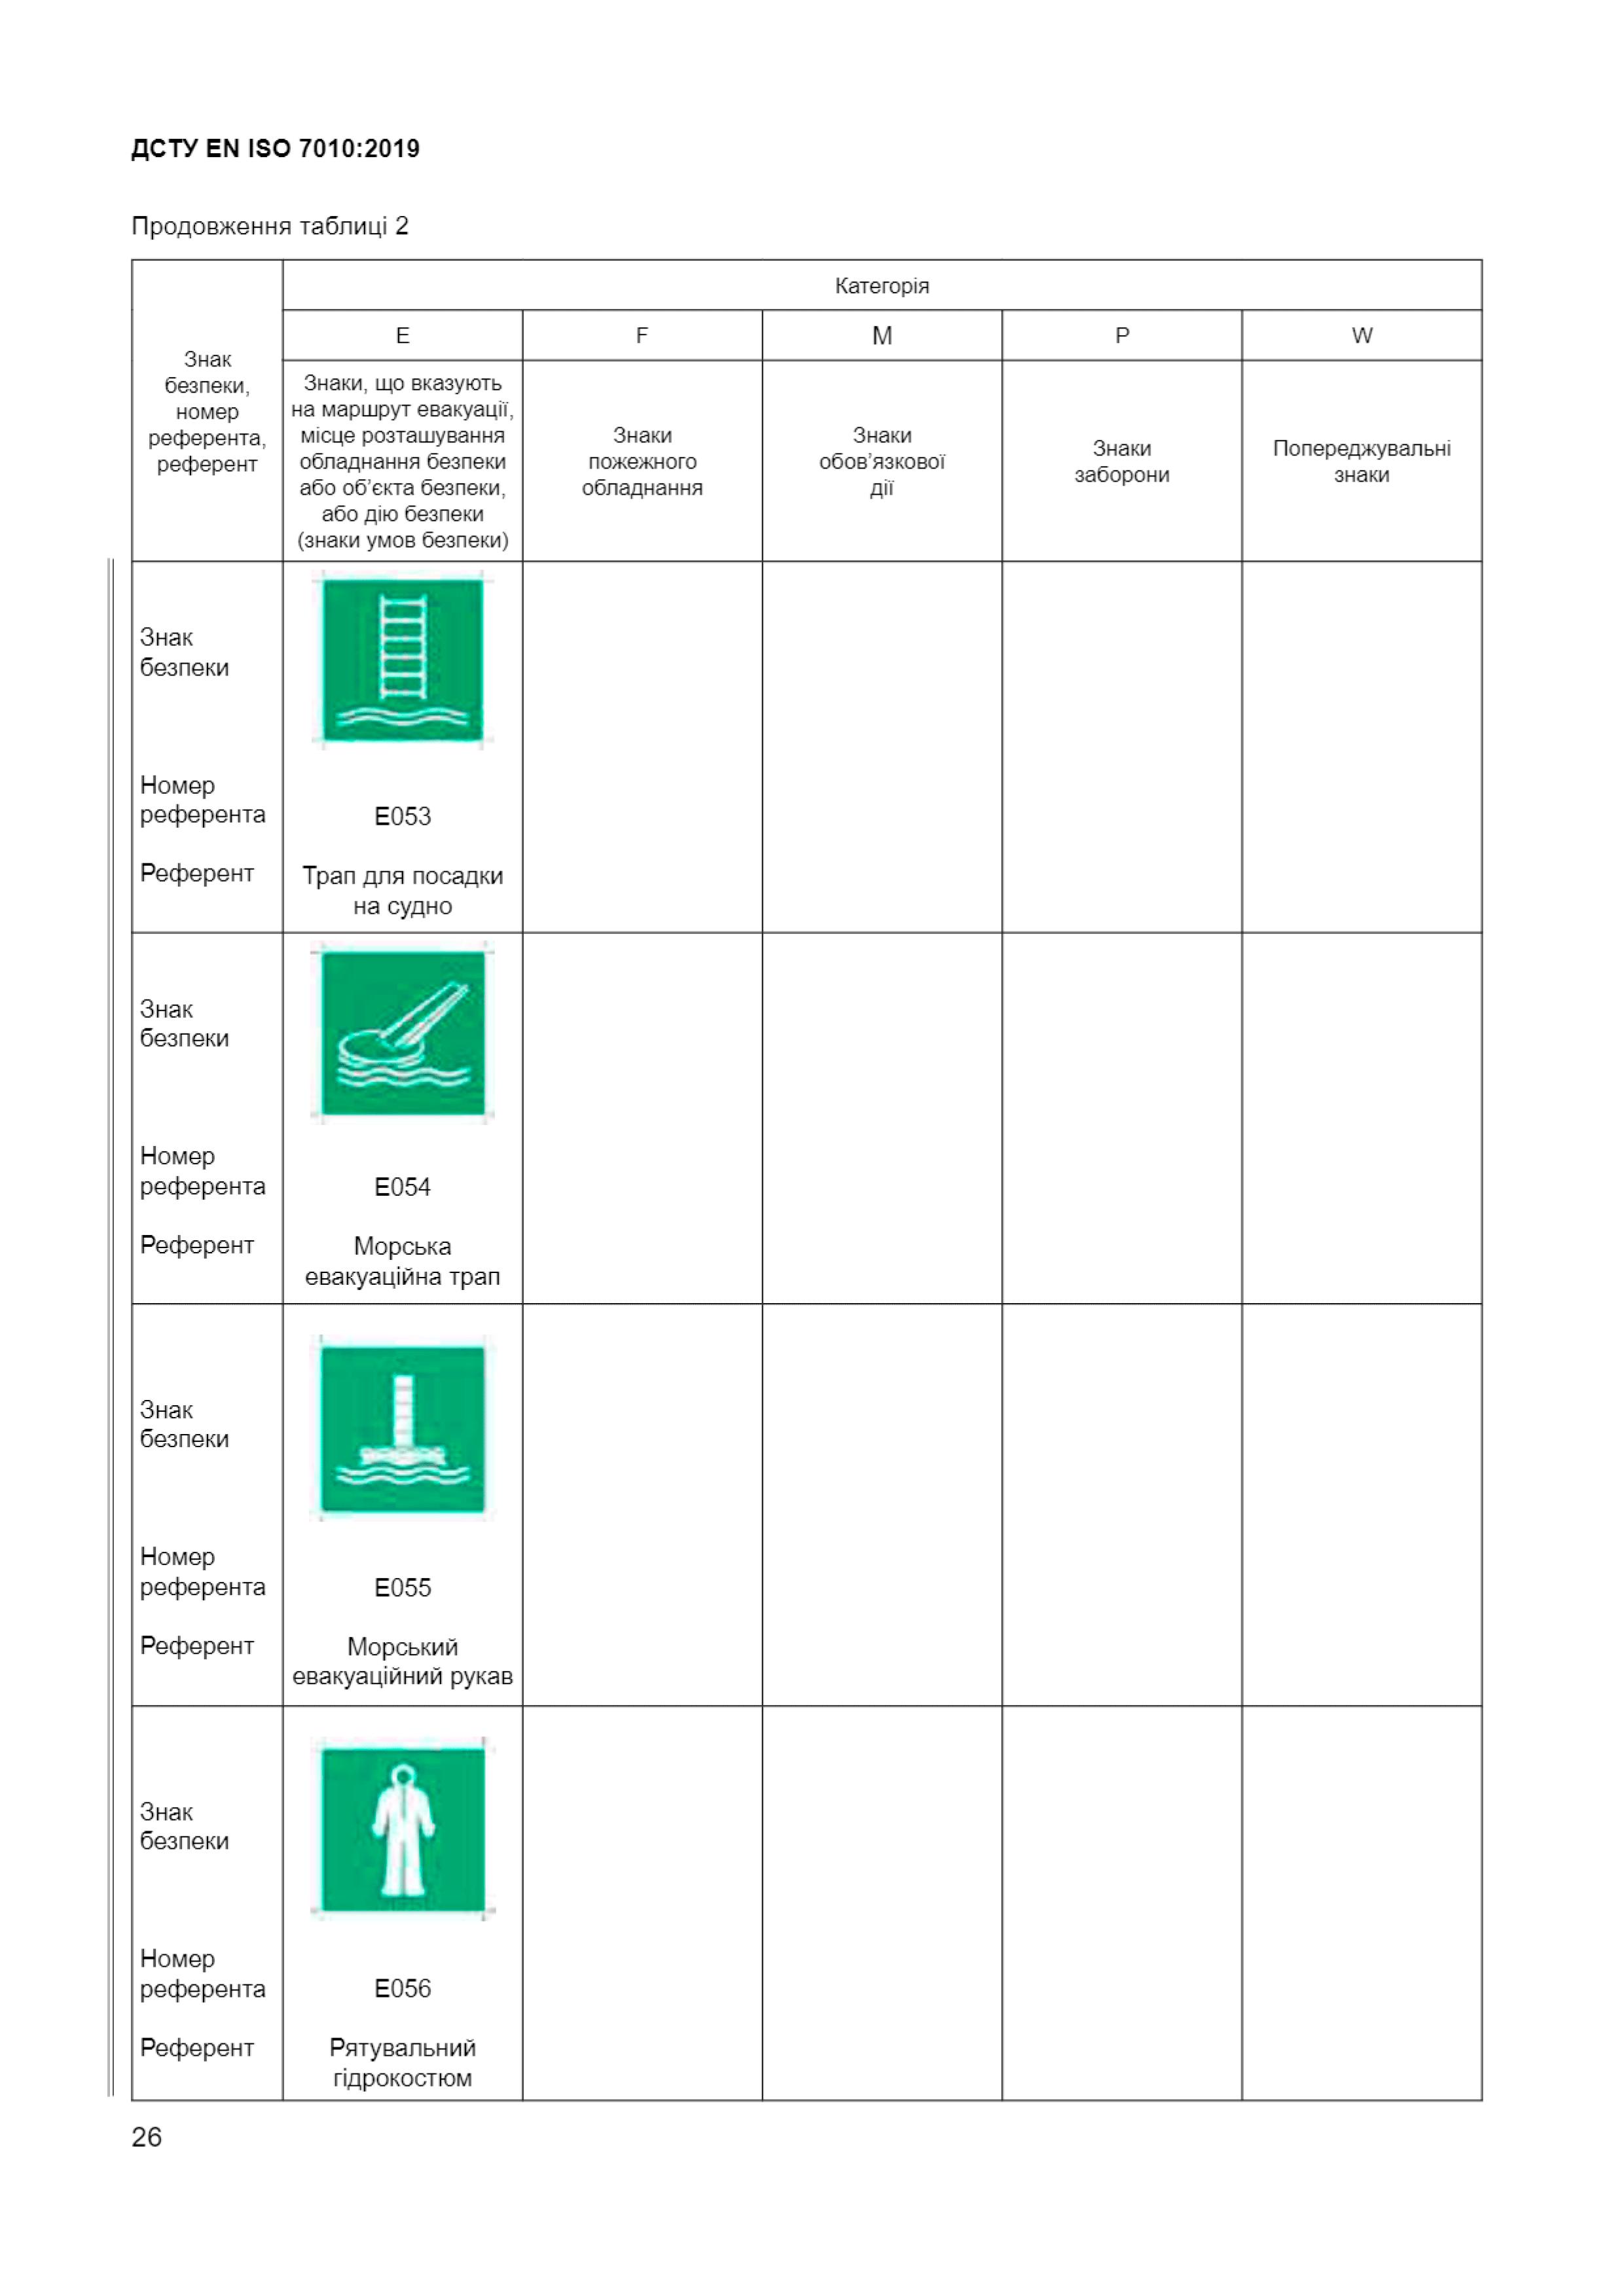 Звід усіх знакків безпеки ДСТУ ЕN ІSО 7010:2019 Техноспектр-Сервіс